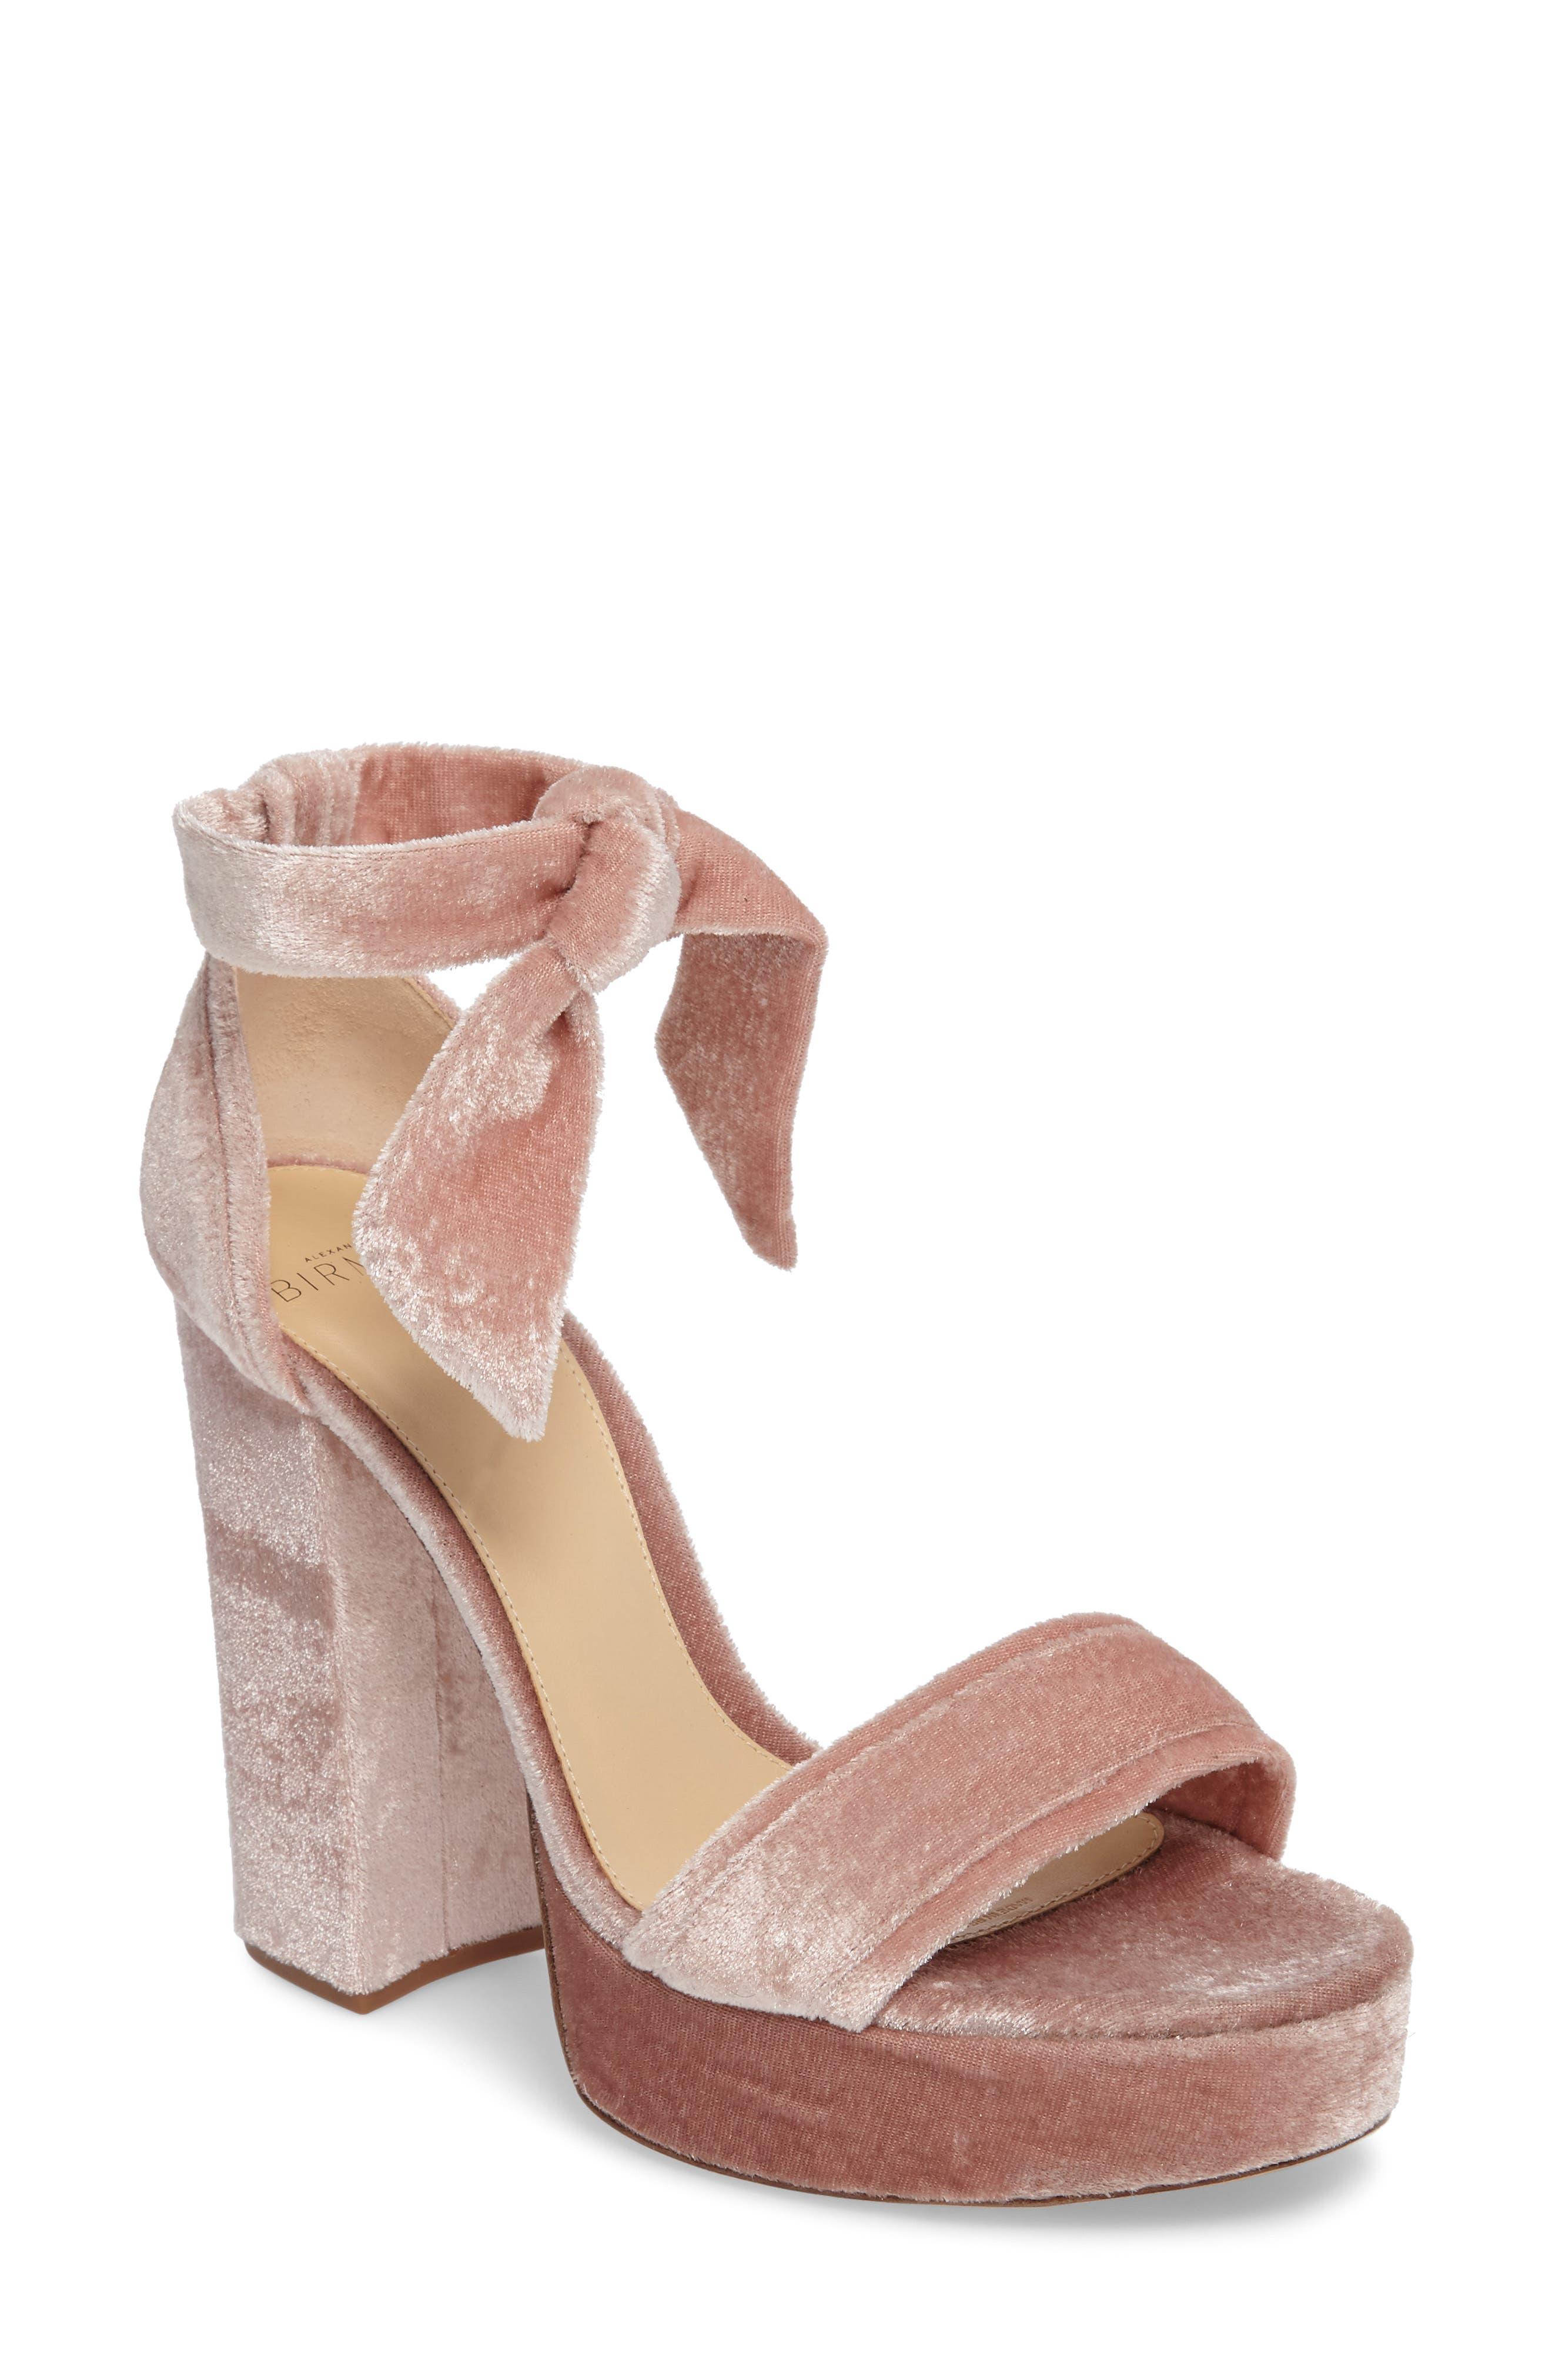 Celine Platform Sandal,                         Main,                         color, Blush